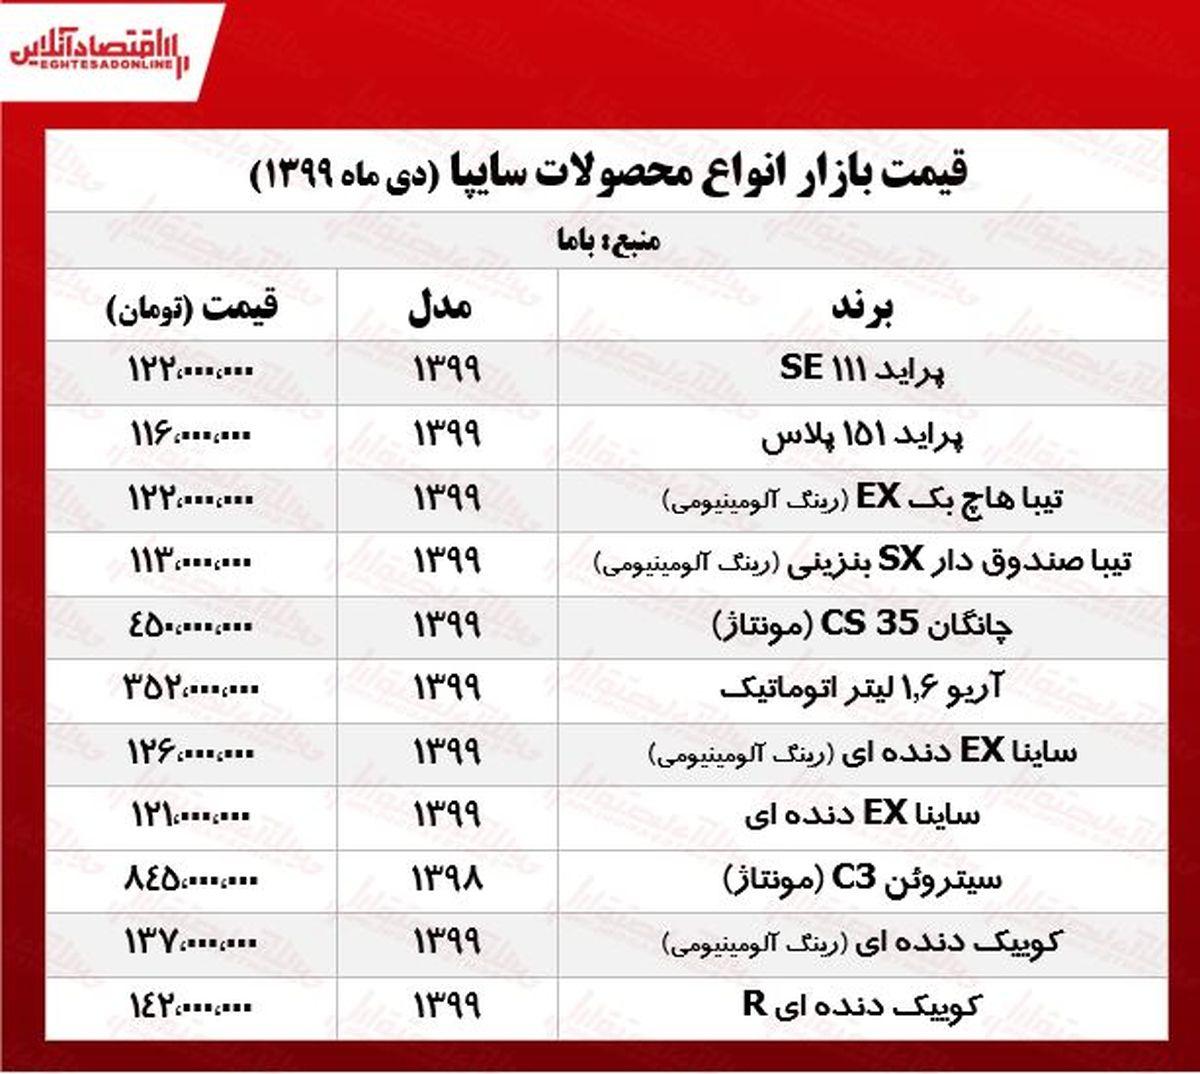 محصولات سایپا امروز چند خرید و فروش شد؟ +جدول